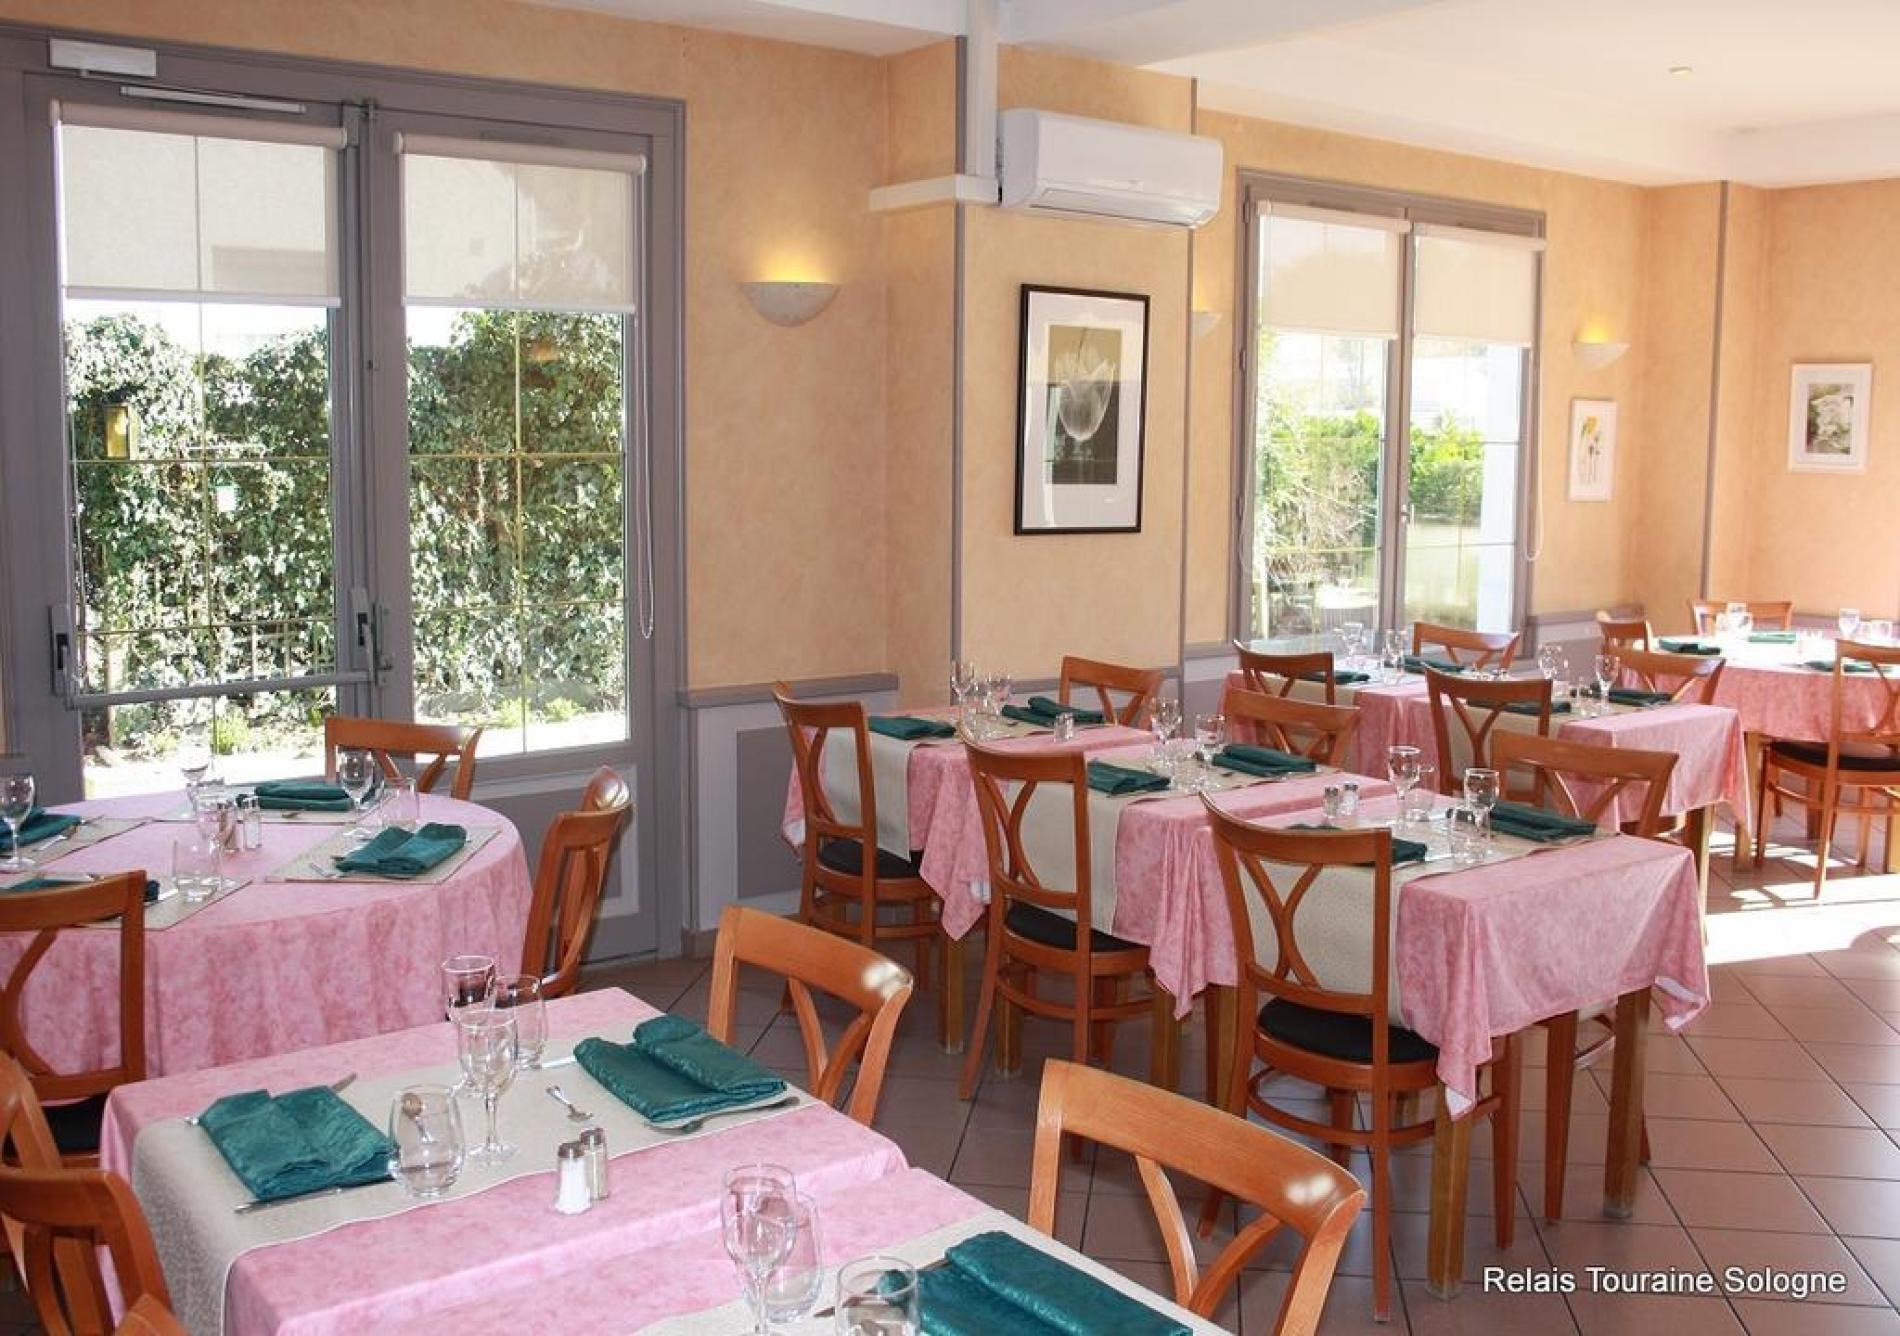 Hôtel Le Relais Touraine Sologne